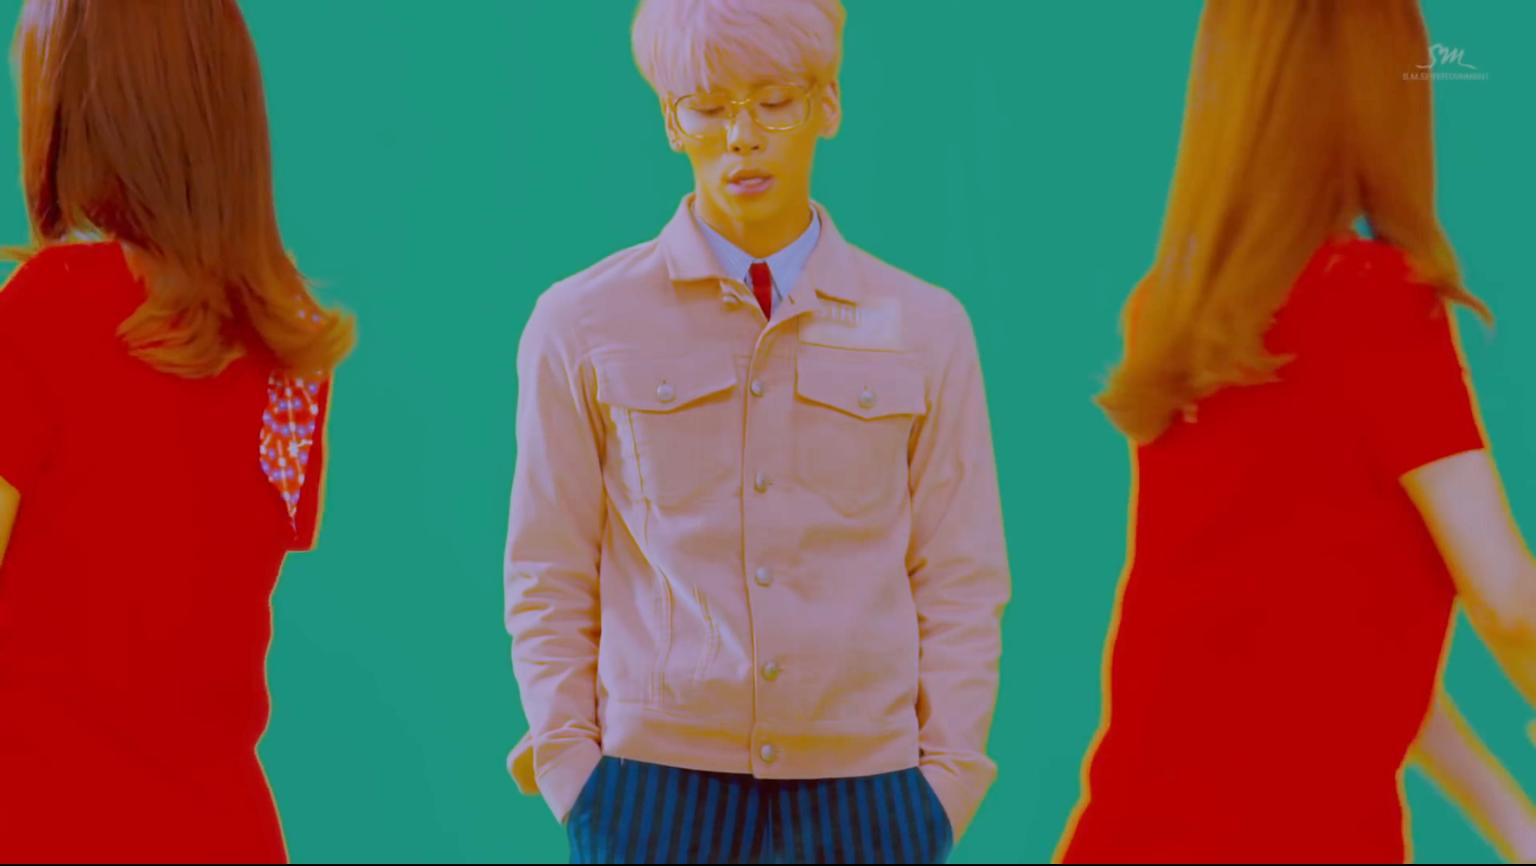 She-Is-Jonghyun-StyleCookieJar-5